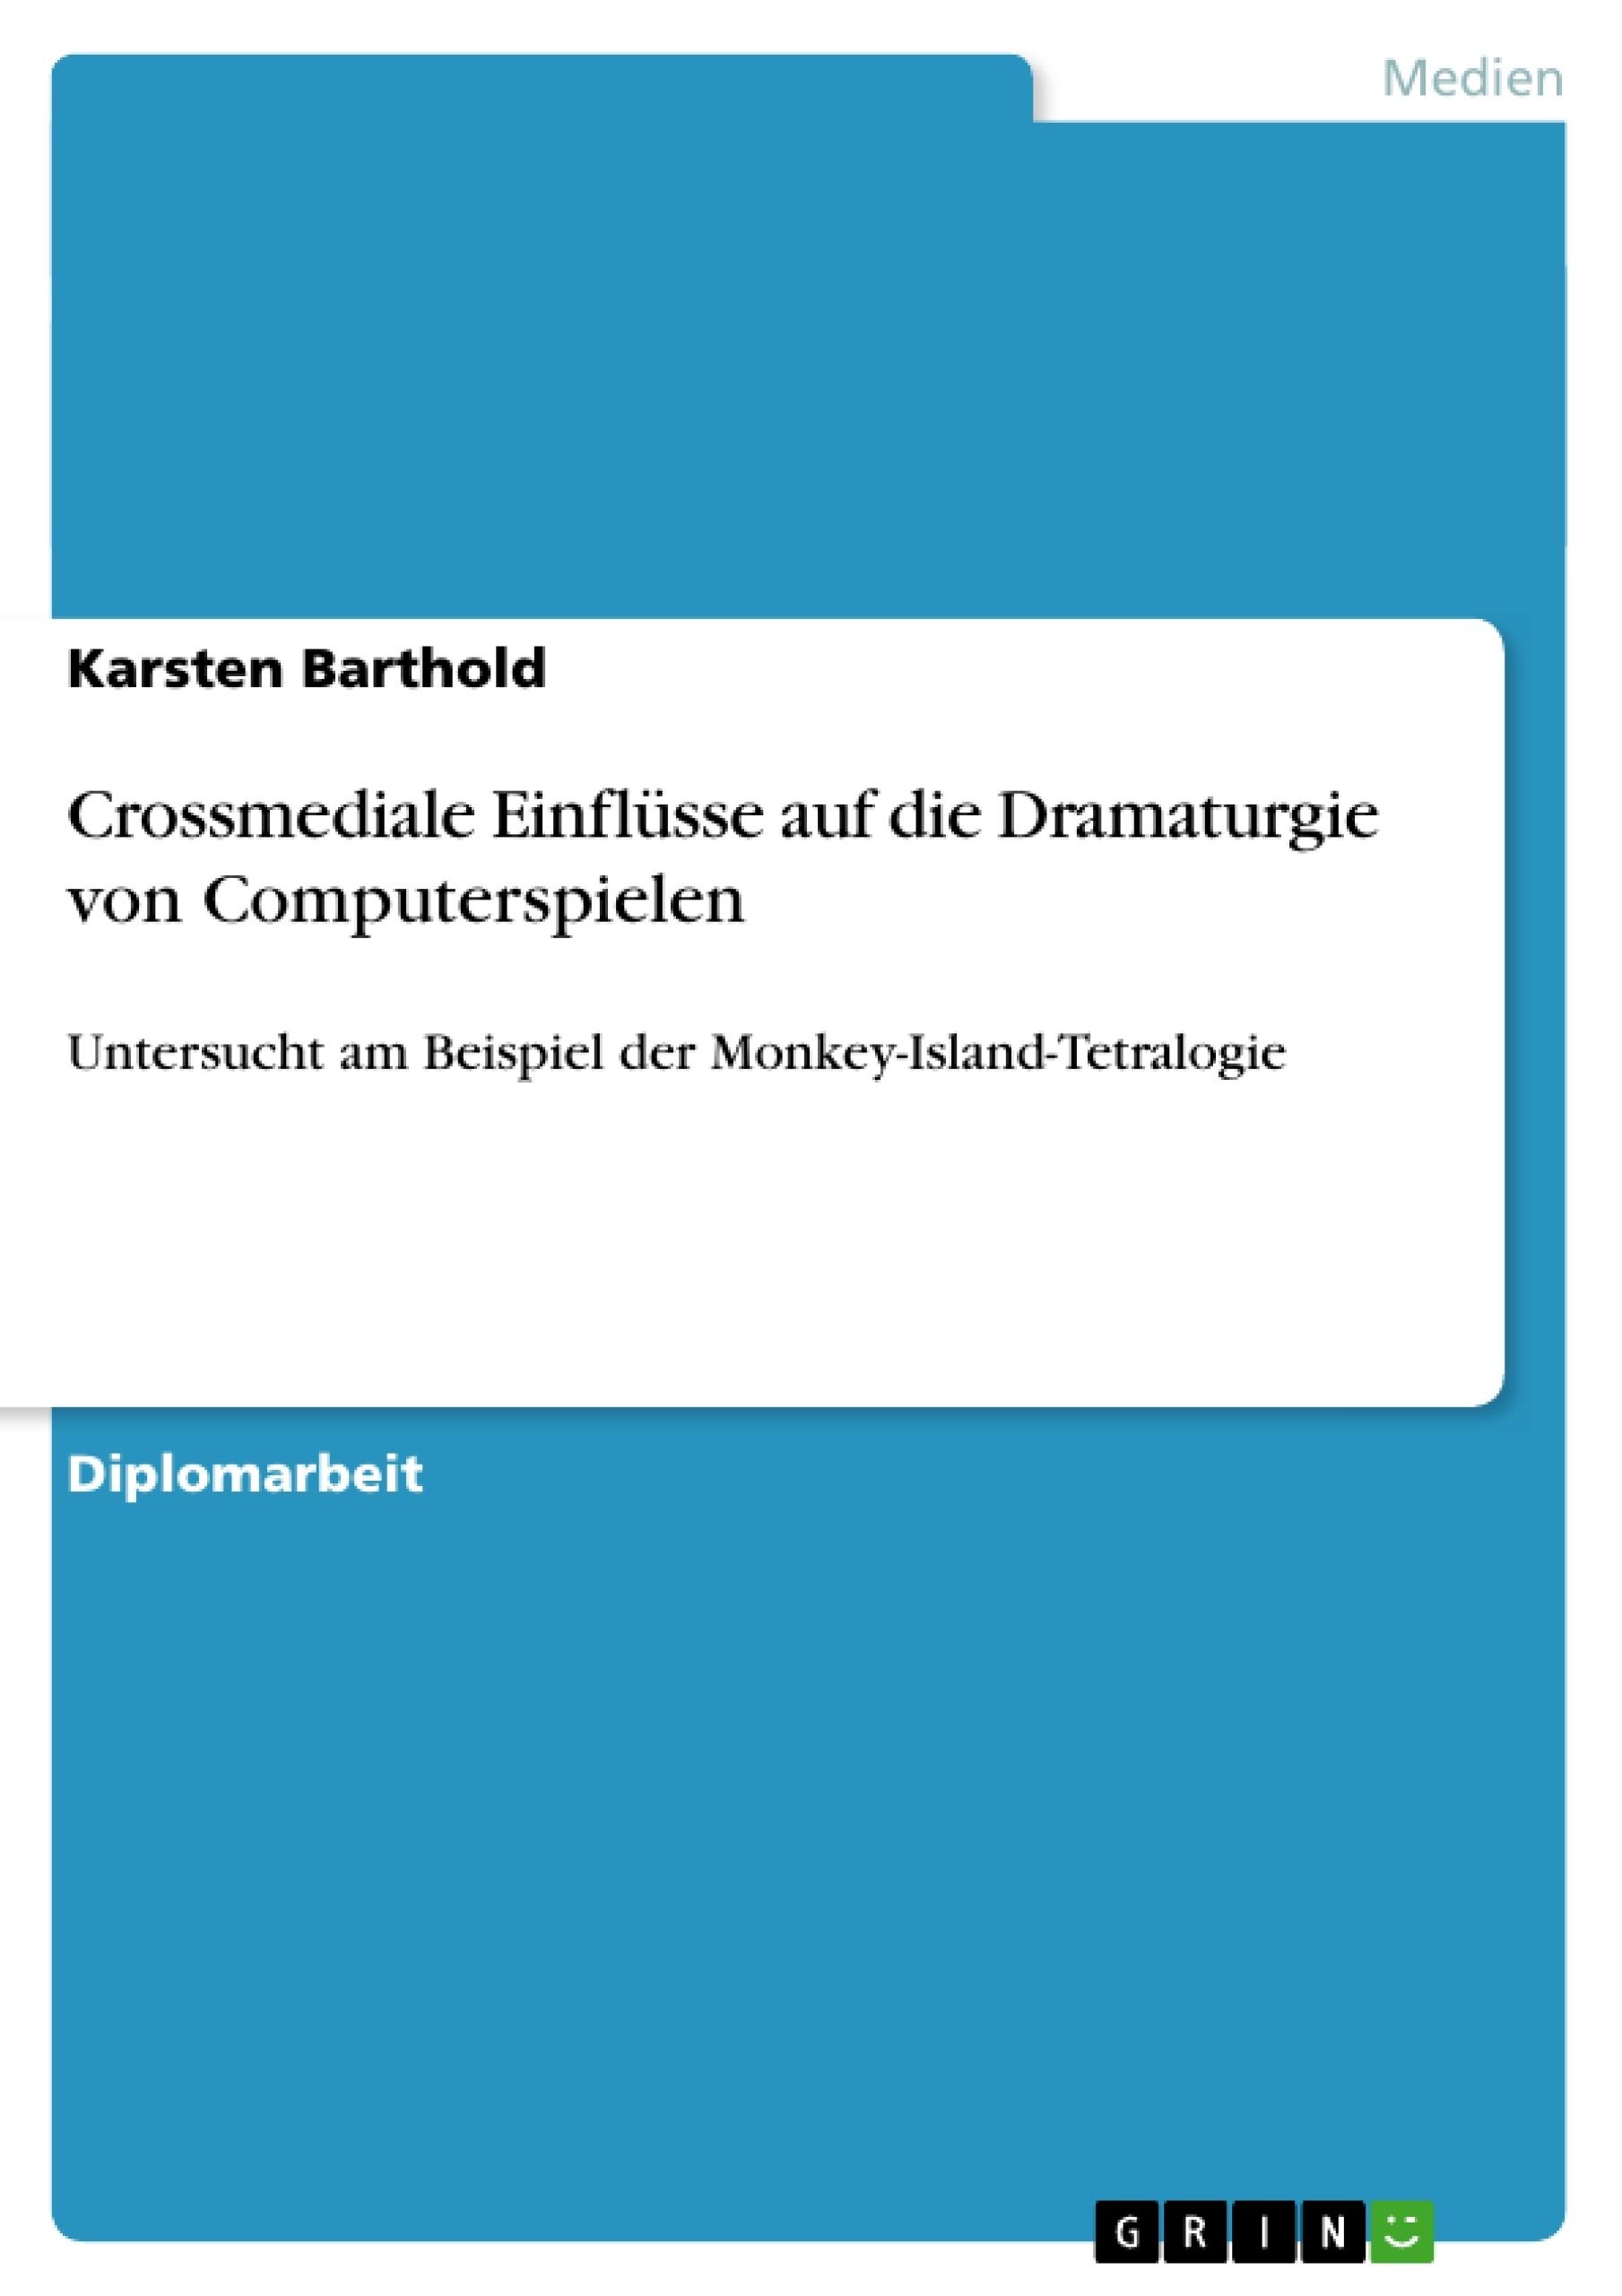 Titel: Crossmediale Einflüsse auf die Dramaturgie von Computerspielen